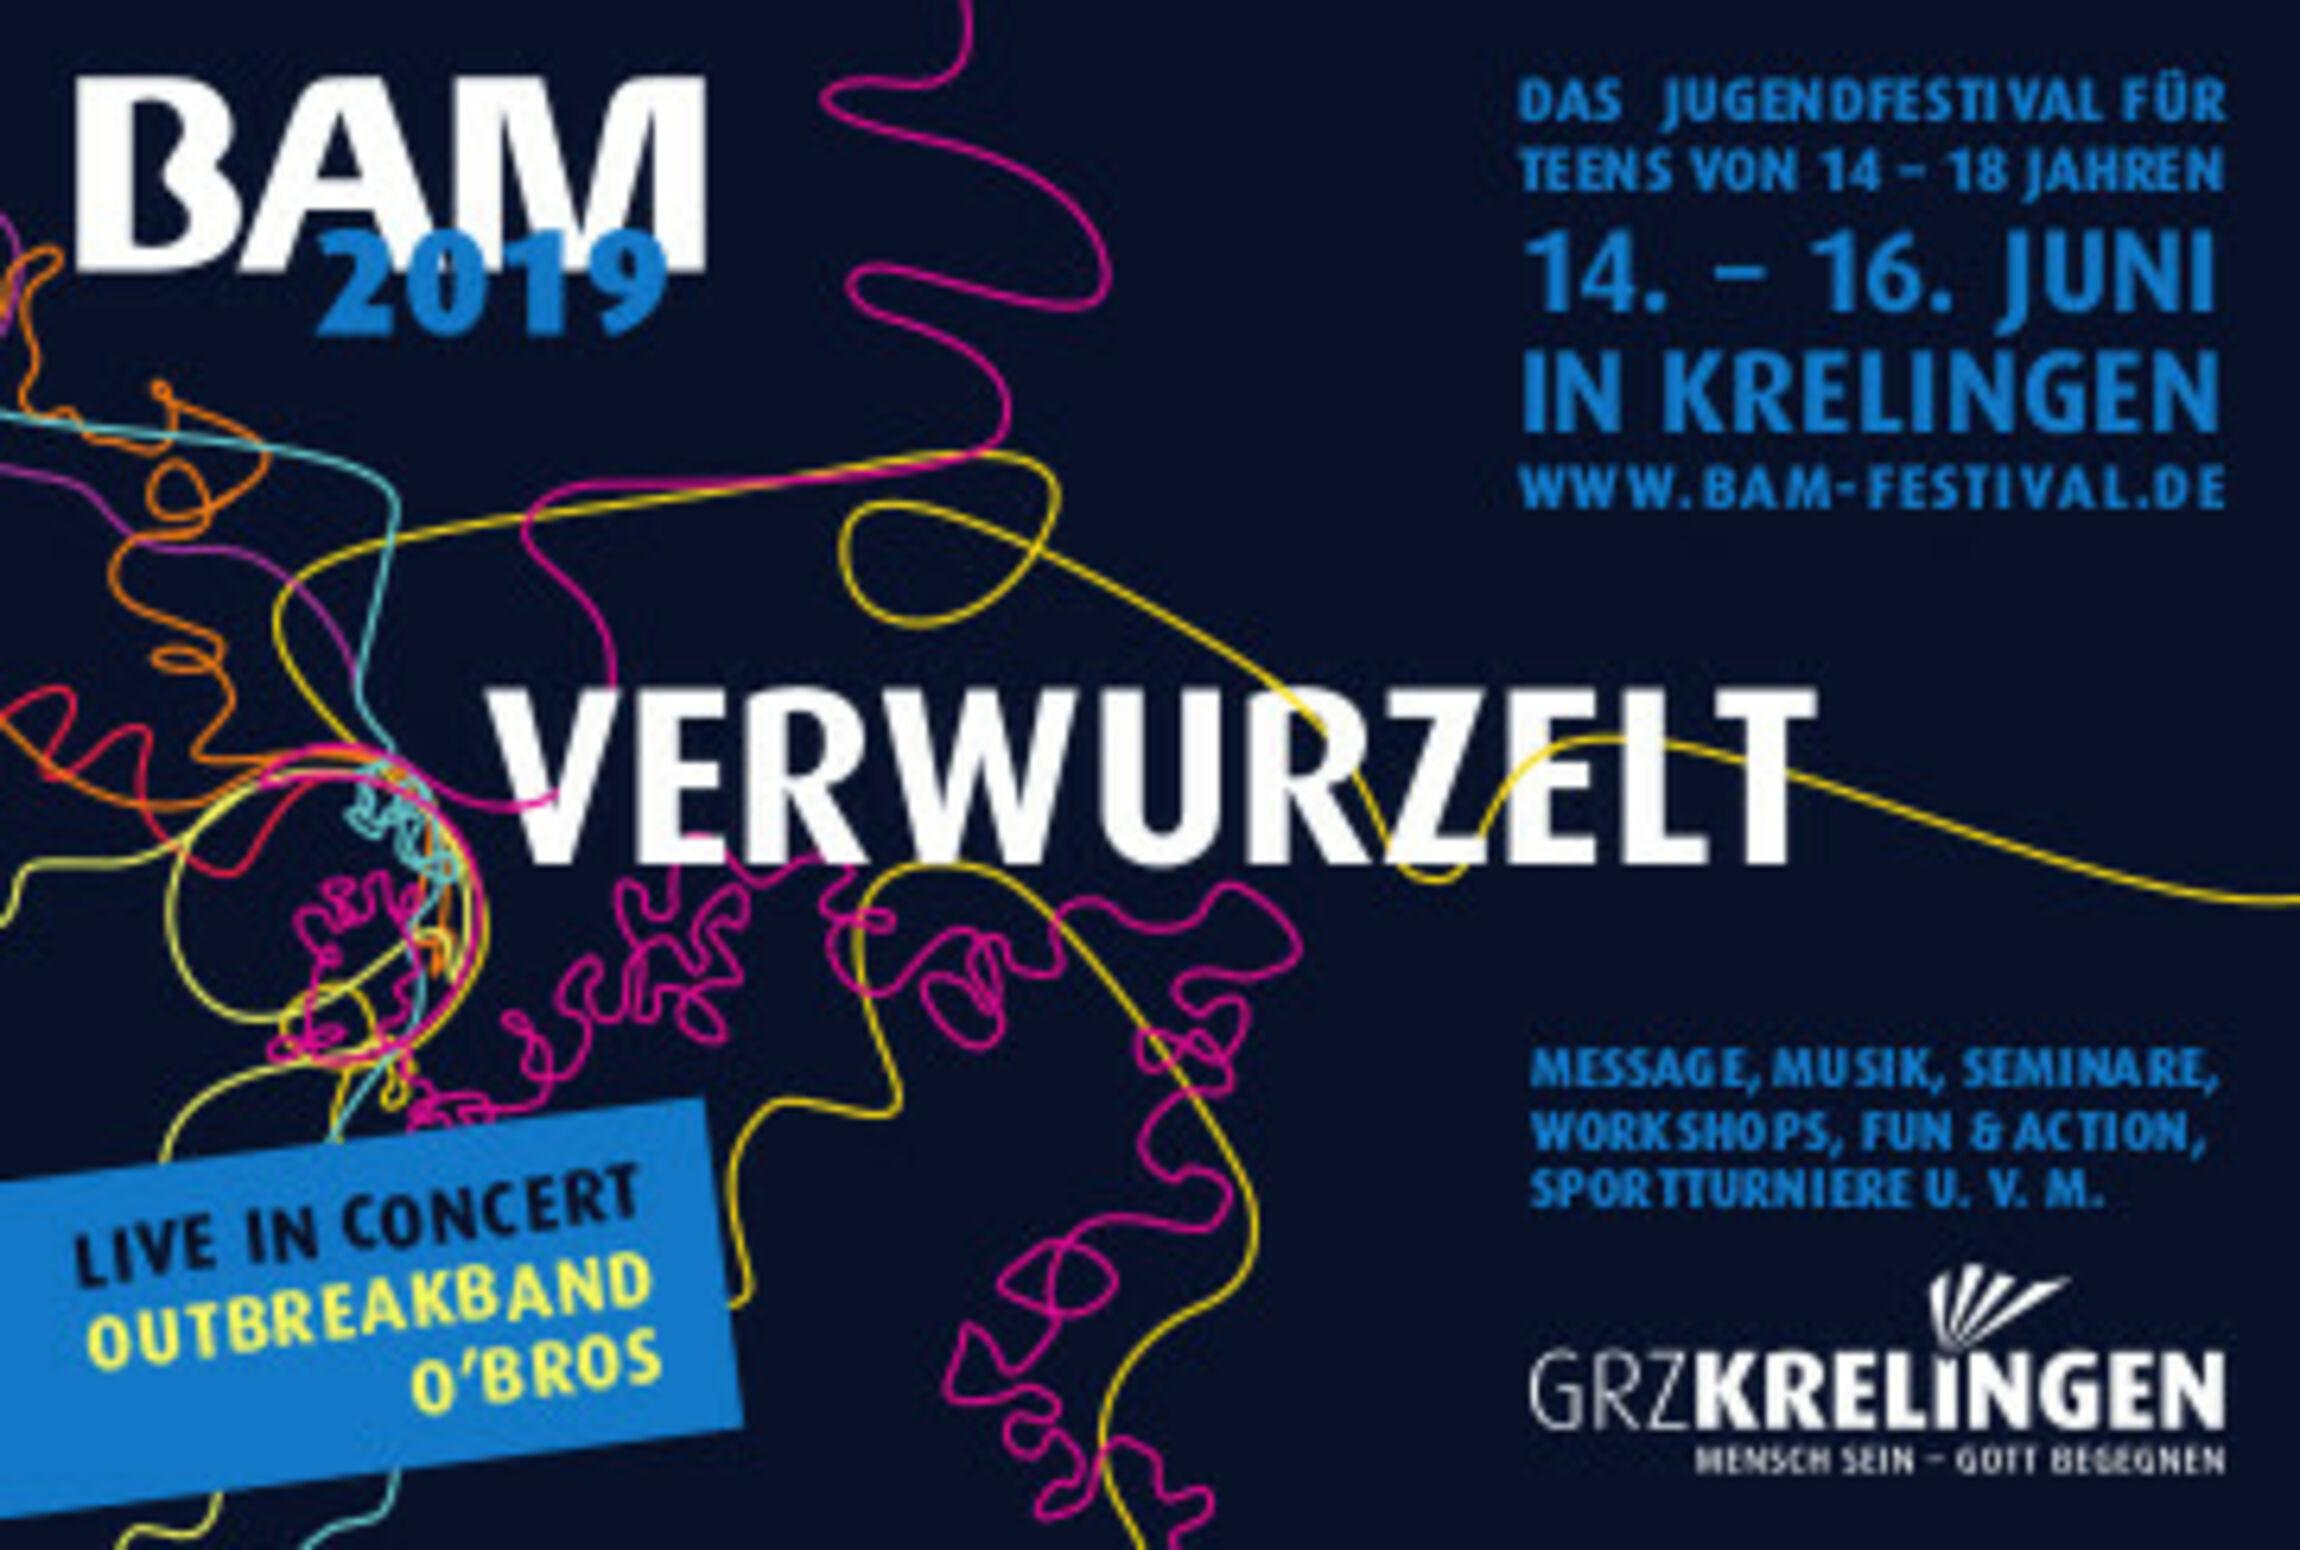 Einladung zum BAM-Festival